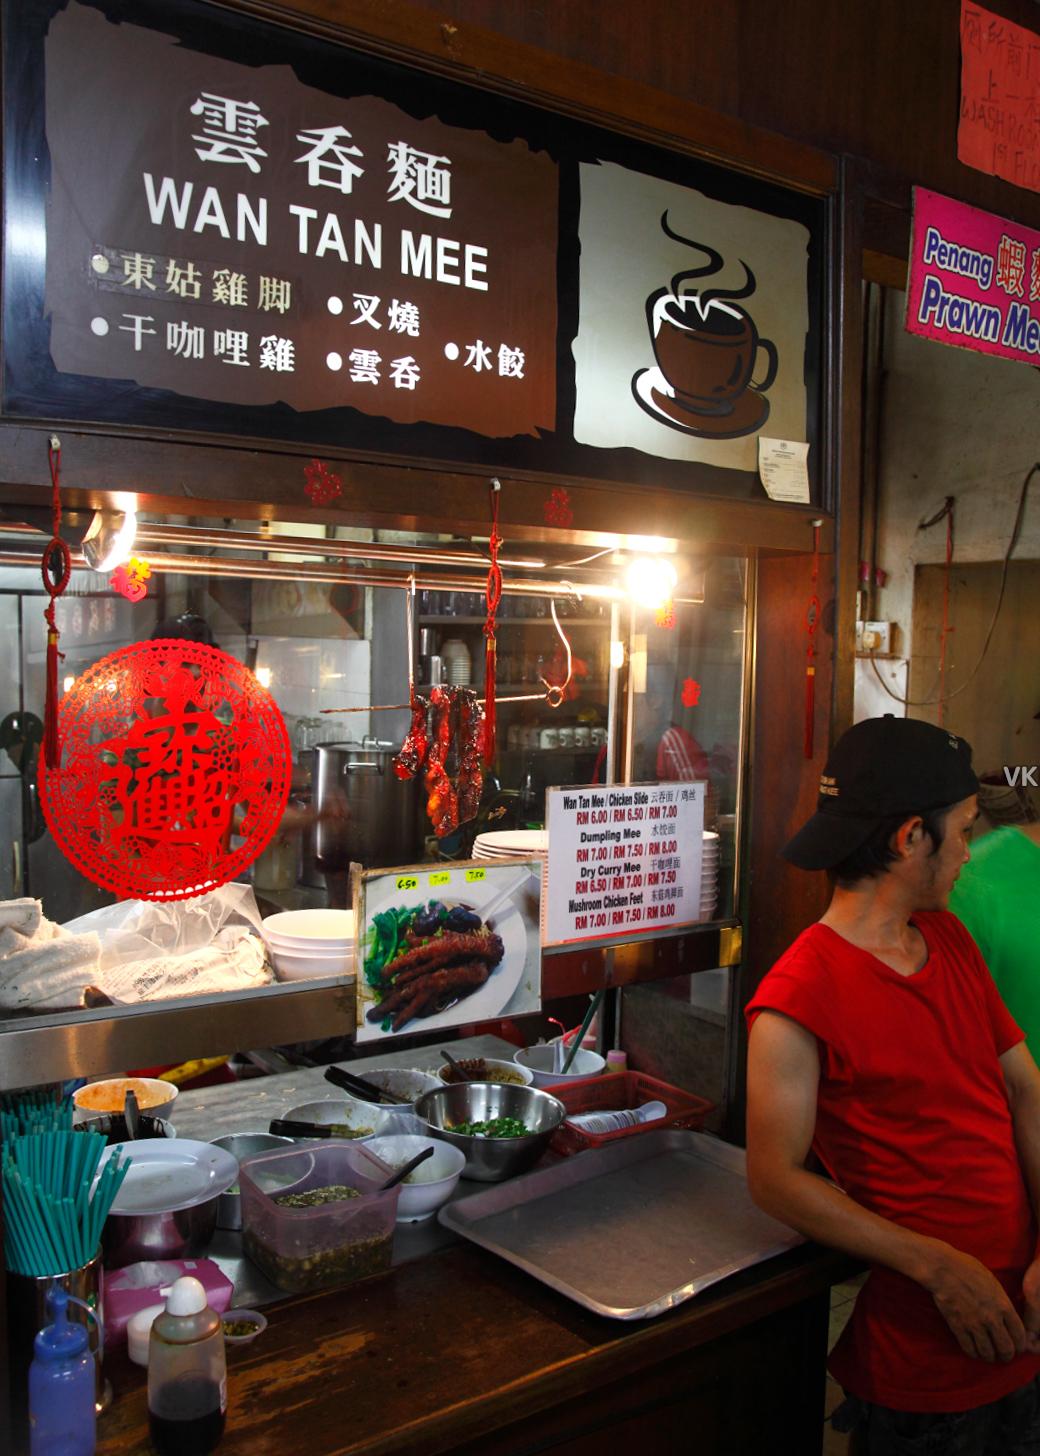 Sun Huat Kee Bangsar Wantan Mee Stall